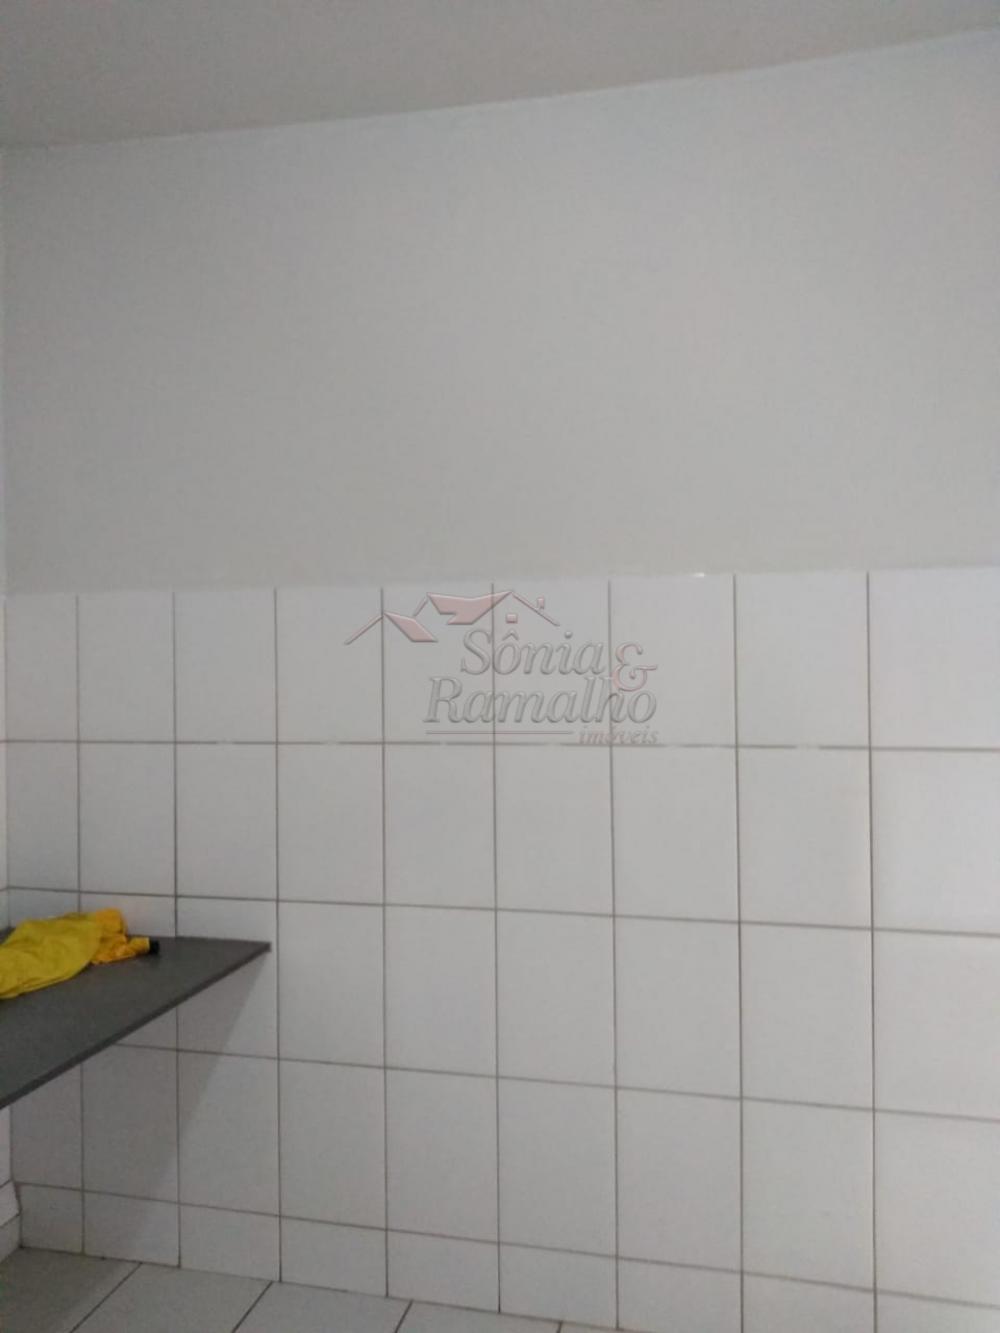 Alugar Comercial / Salão comercial em Ribeirão Preto apenas R$ 750,00 - Foto 16